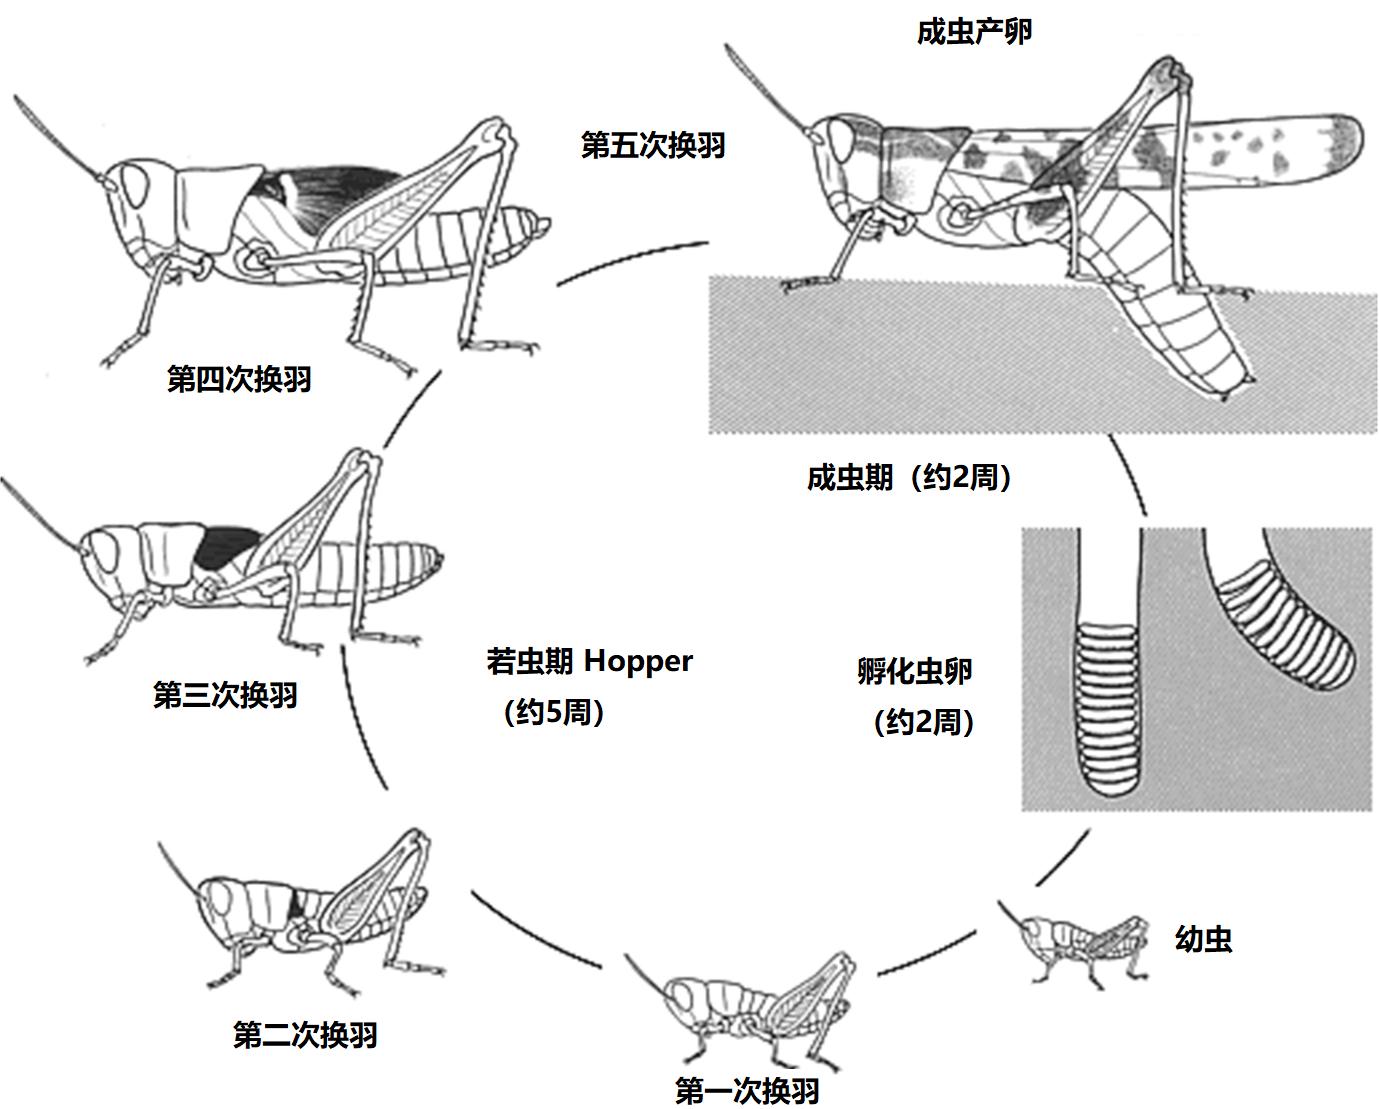 上图:蝗虫的生命周期。蝗虫是不完全变态(Hemimetabolism)的昆虫,一生经过卵、若虫和成虫三个发育阶段,卵产于土中,若虫和成虫在地上生活。交尾结束后,雌虫的腹部可伸长约两倍,向土中产卵。卵被雌虫分泌的泡沫状物包起来,保护蛋不受季节的变化和干燥的危害;通常去年暖冬或寒冬不够长久,第二年蝗灾就比较严重。蝗虫喜旱怕雨,一旦天雨,翅膀沾湿不能觅食,往往会饿死。刚孵化的幼虫仍包裹着薄皮,从土中出来后,开始在地面进行最初的蜕皮。幼虫没有翅膀。随着重复蜕皮,蜕皮共约五次,身体会逐渐变大,翅膀也会越来越明显。进行最后的蜕皮后,成虫的翅膀伸长,雌虫的产卵管形成,可以交配生产下一代。